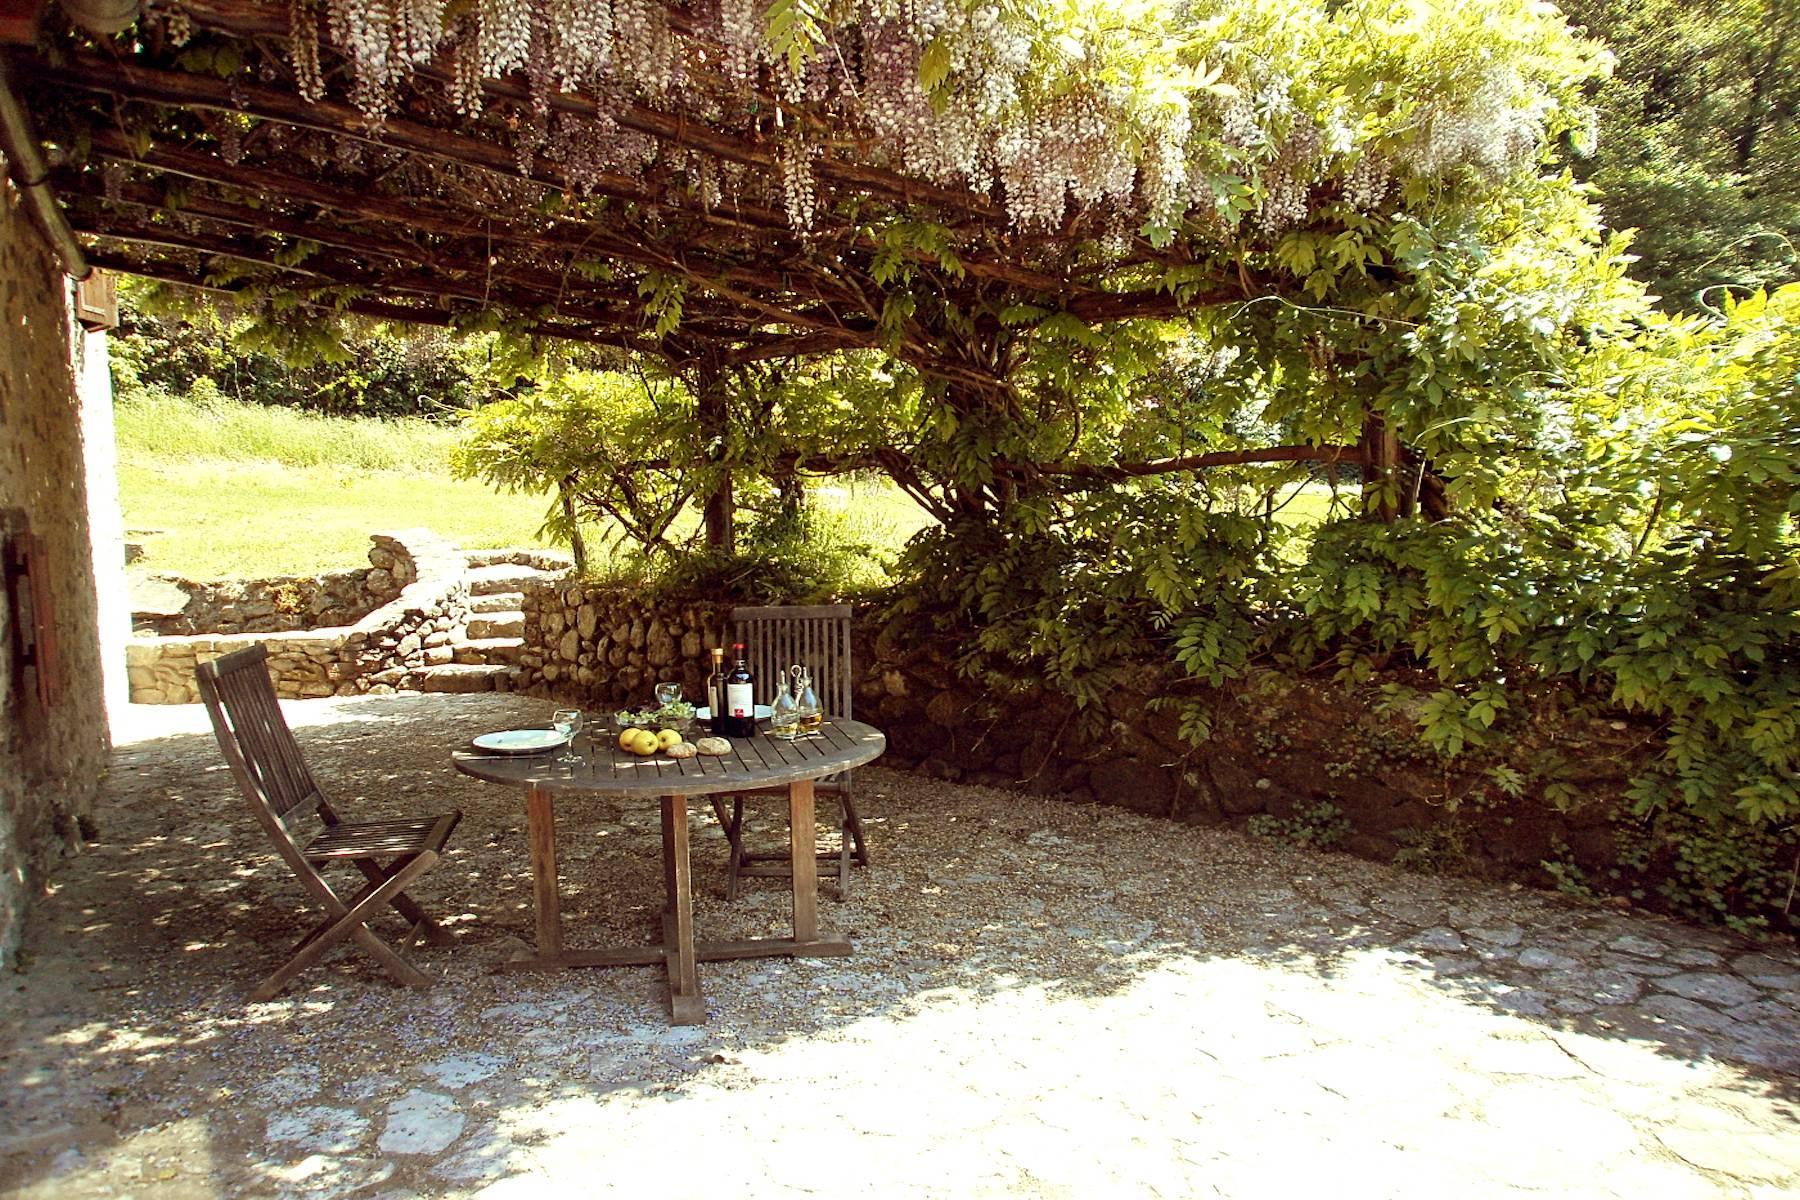 Maison de campagne enchantée sur les collines autour de Lucca - 5